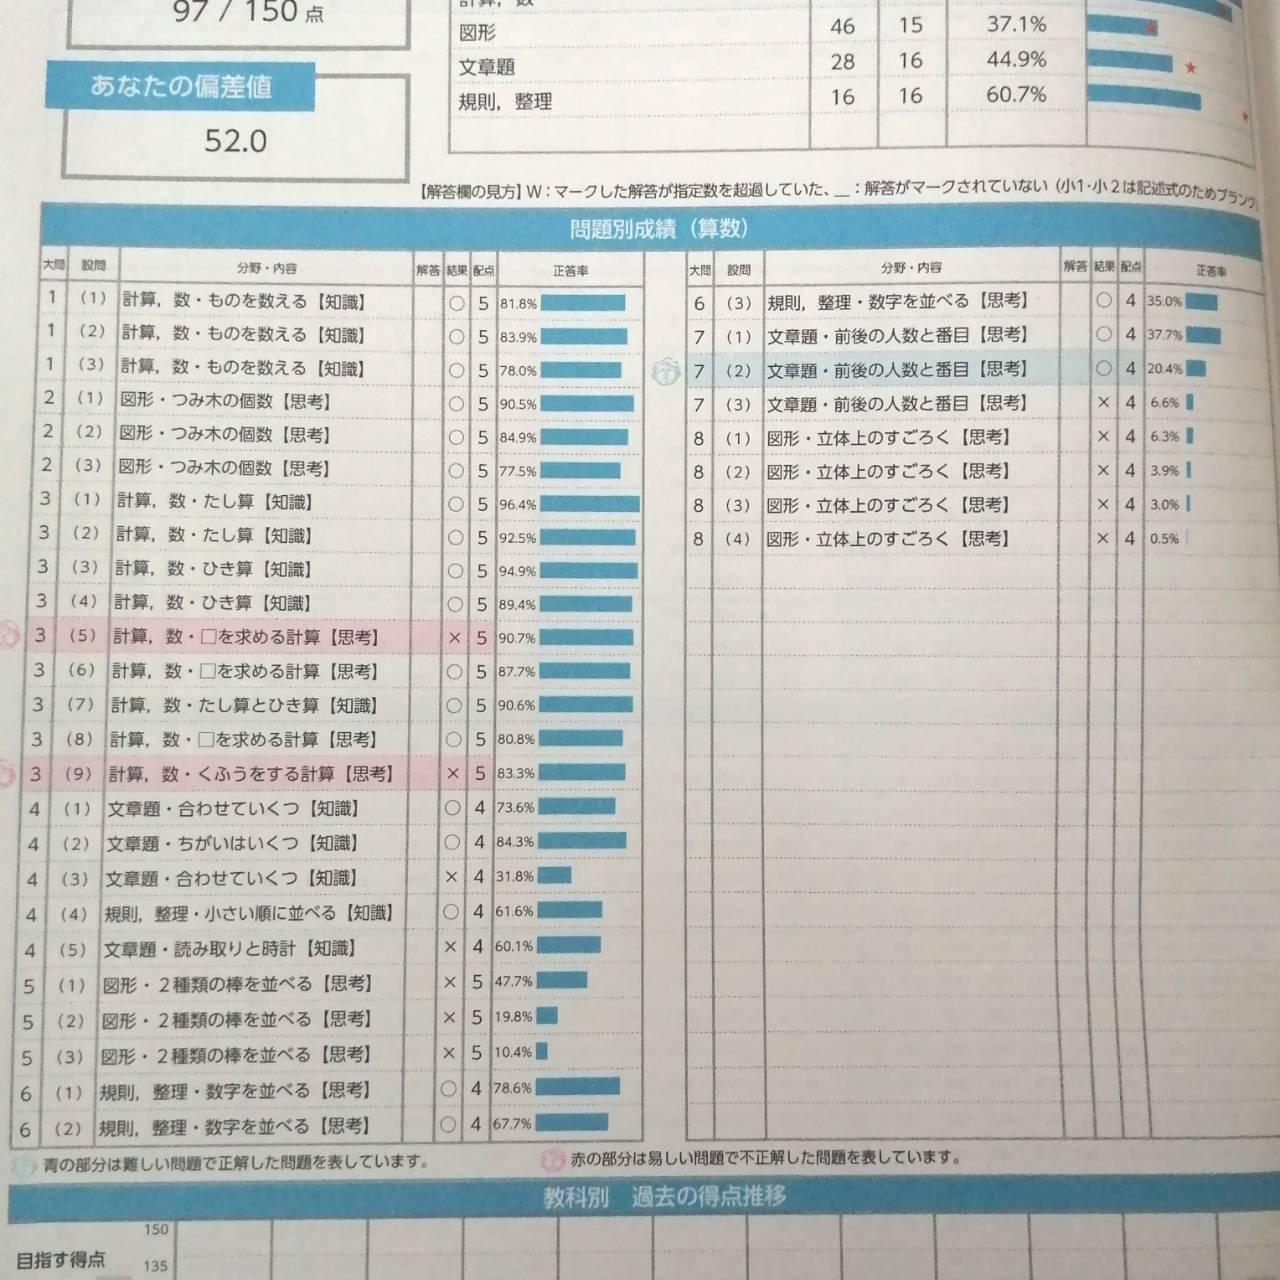 【小1】全国統一小学生テスト2020年結果★過去問分析・難易度